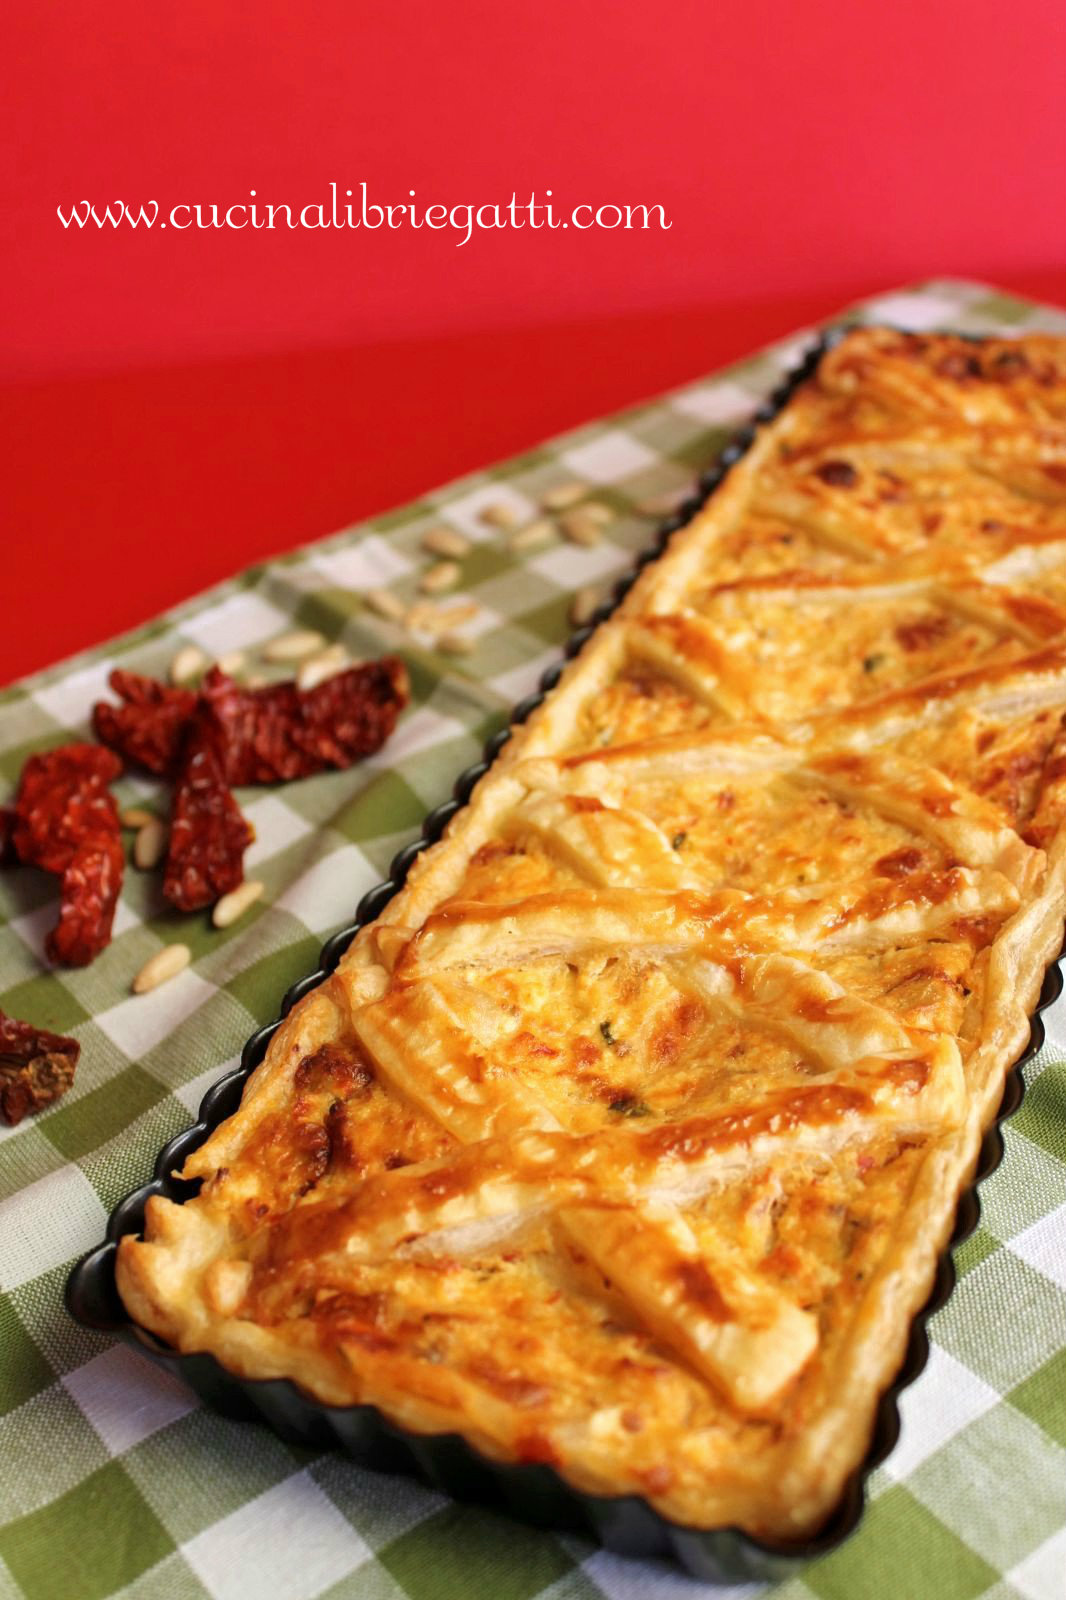 Ricetta torta salata ricotta pomodorini